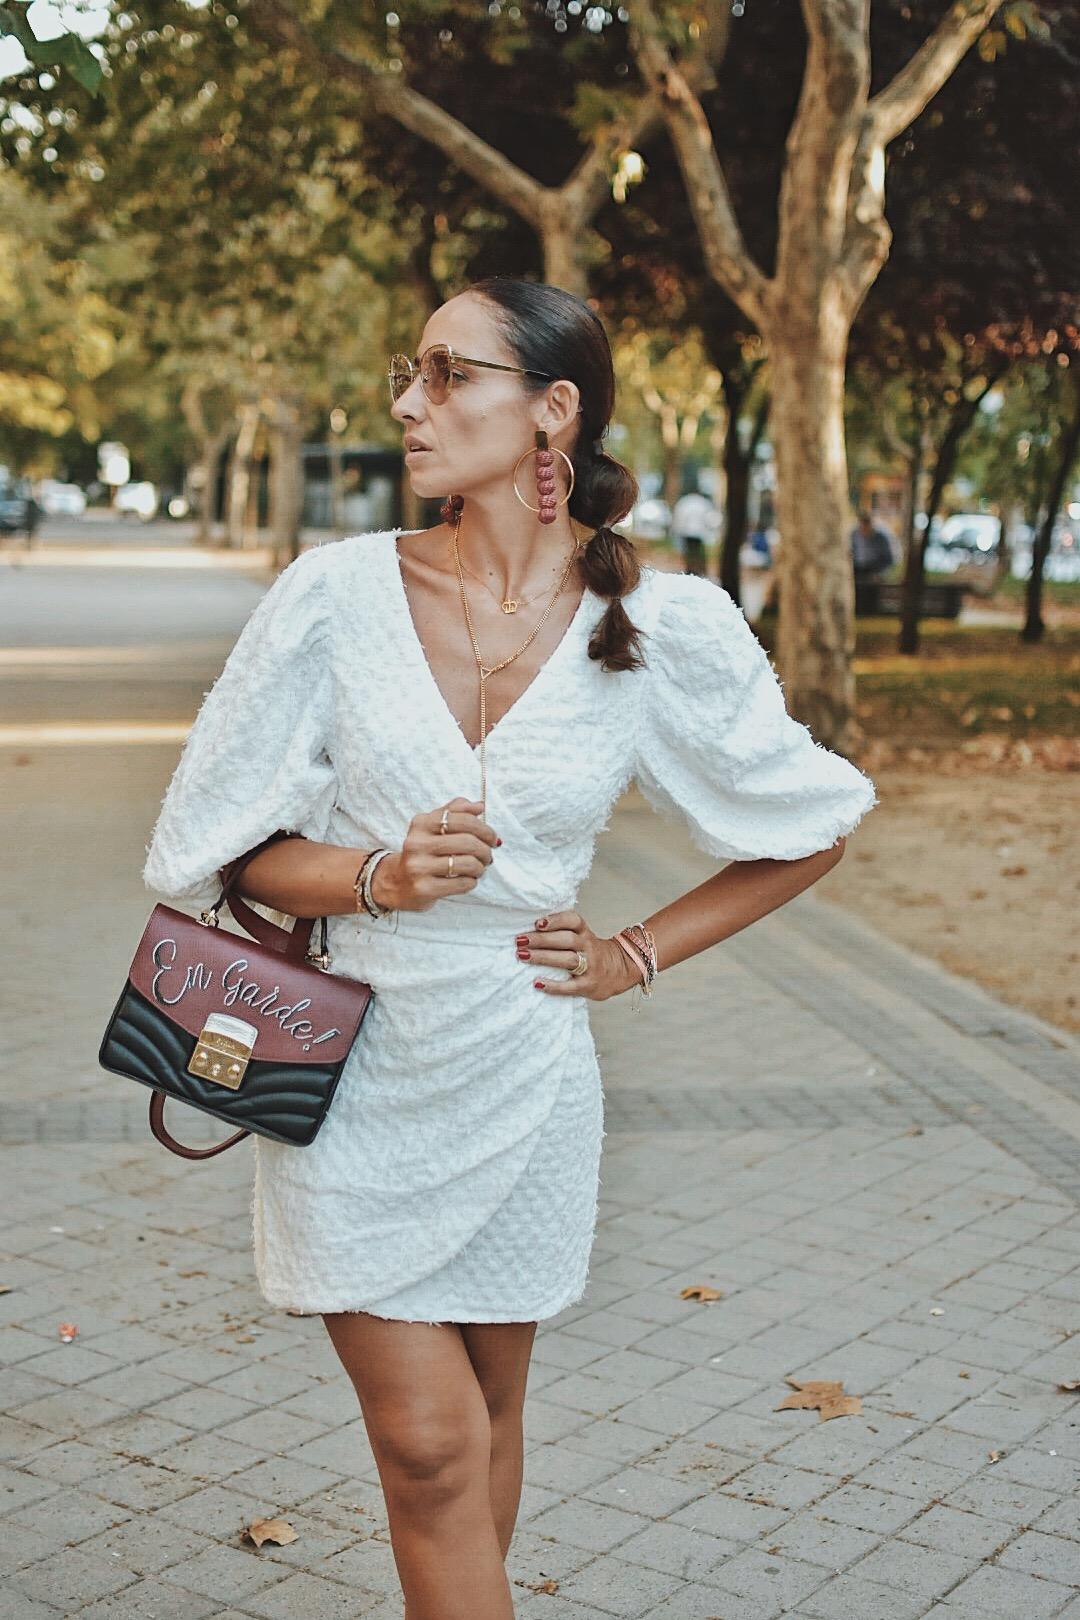 el-blog-de-silvia-vestido-blanco-corto-verano